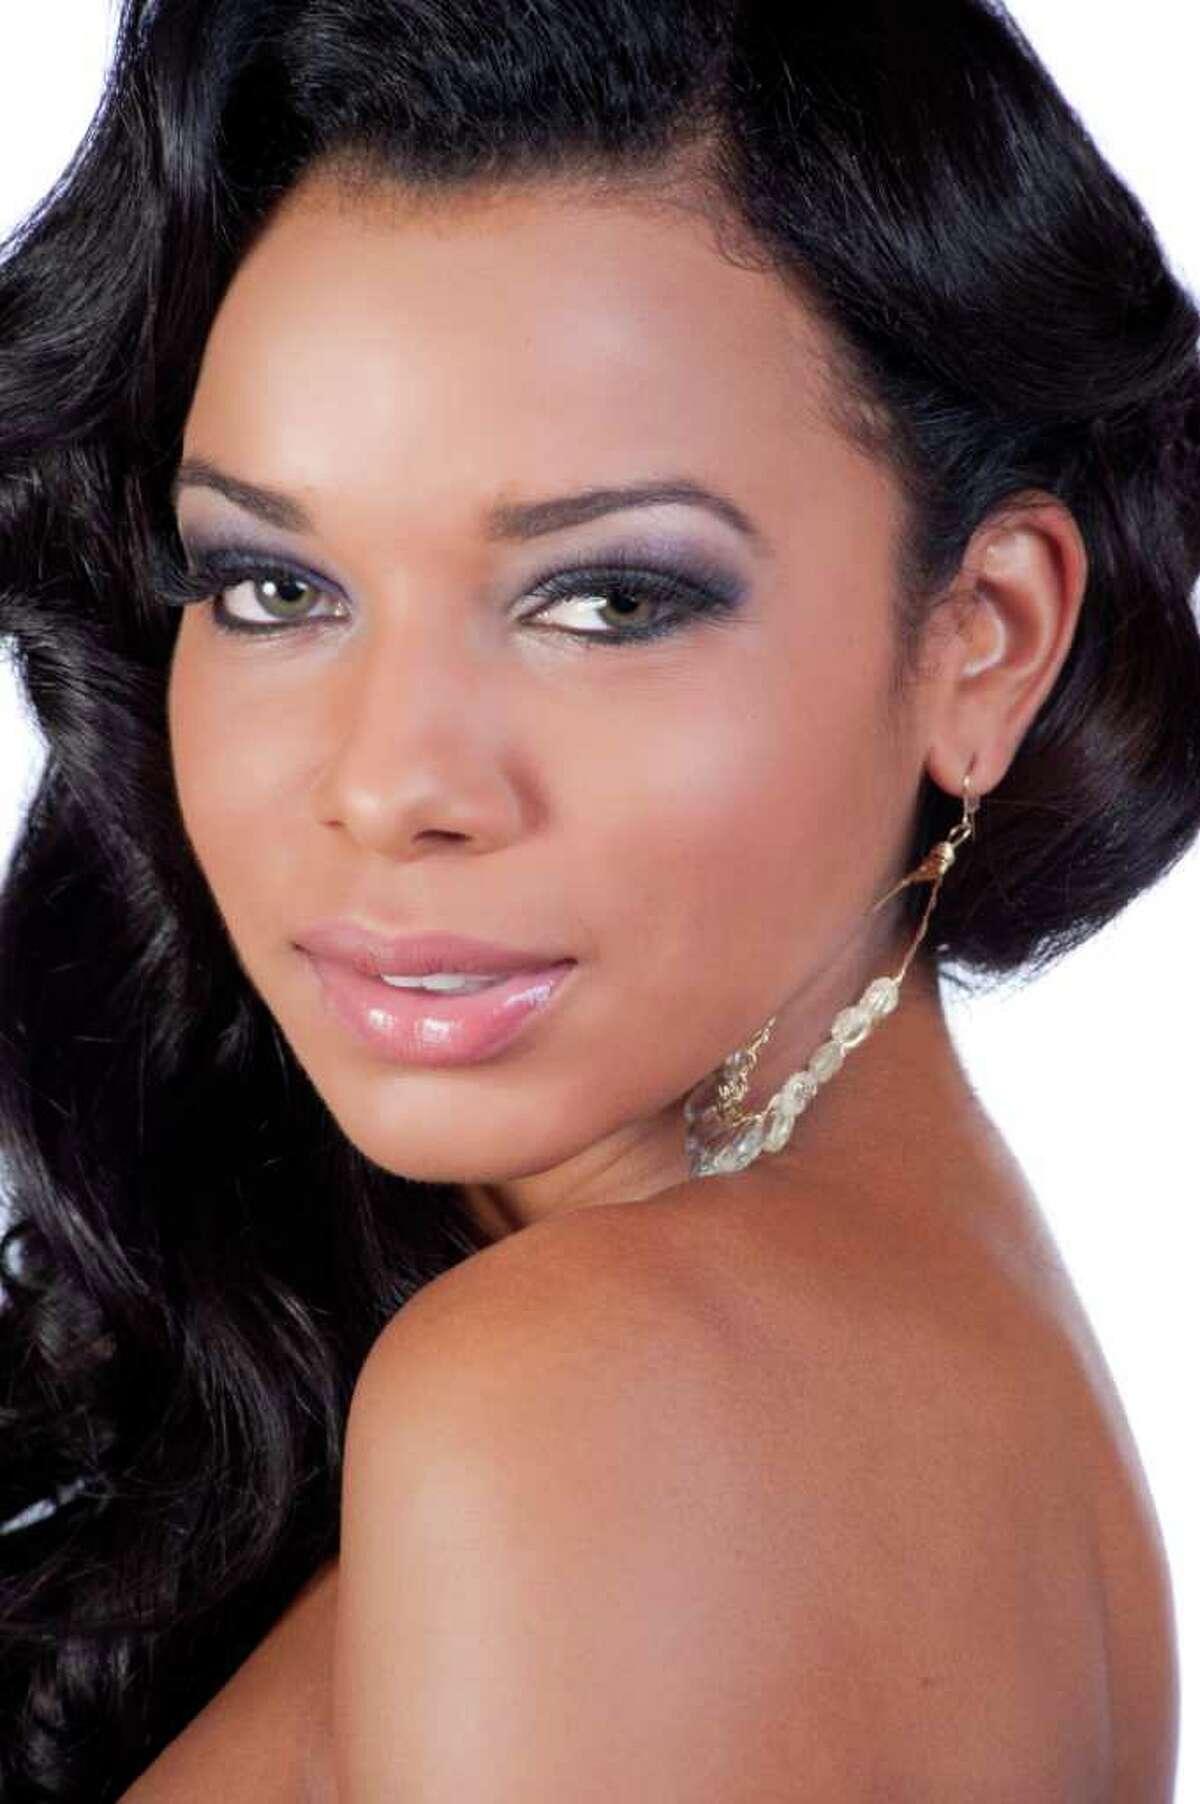 Miss U.S. Virgin Islands 2011, Alexandrya Evans.